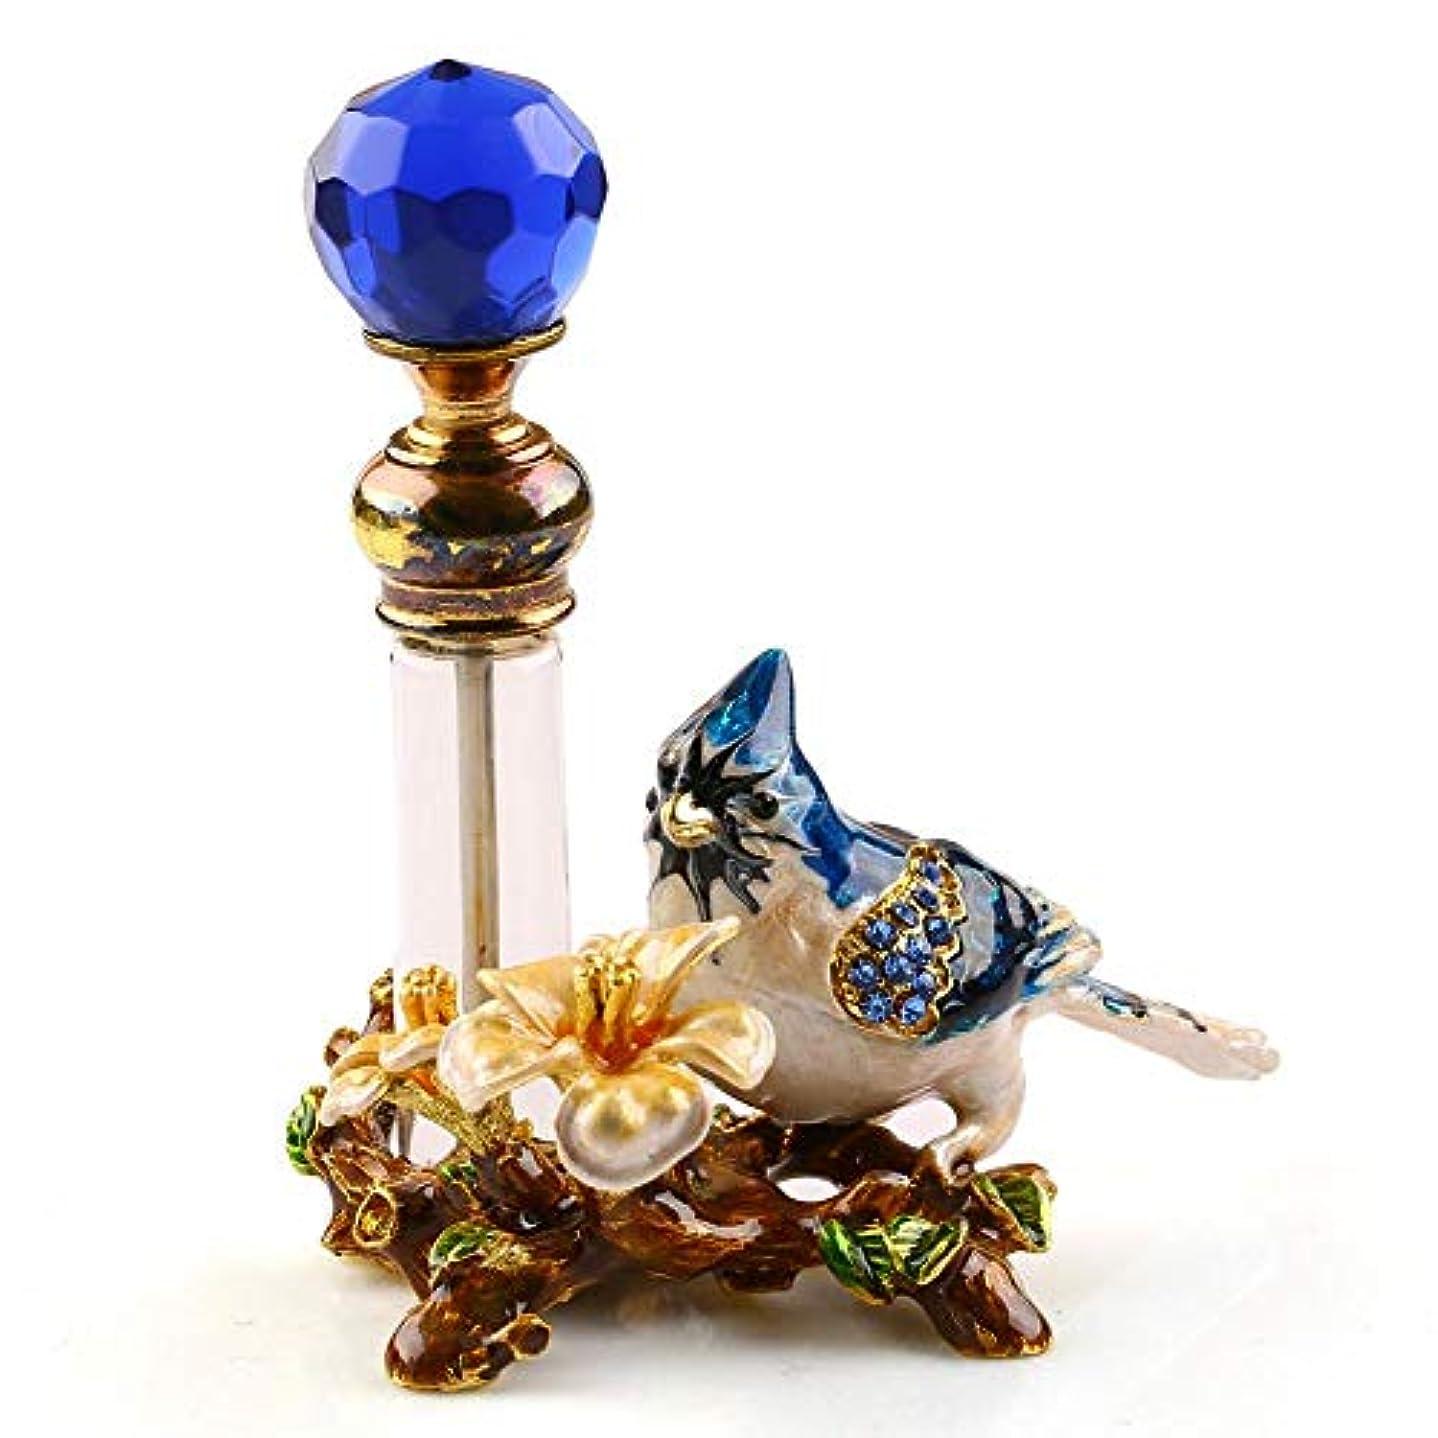 壮大なちょうつがいあさりVERY100 高品質 美しい香水瓶 4ML アロマボトル 綺麗アンティーク風 鳥と花 詰替用ボトル 空き プレゼント 結婚式 飾り